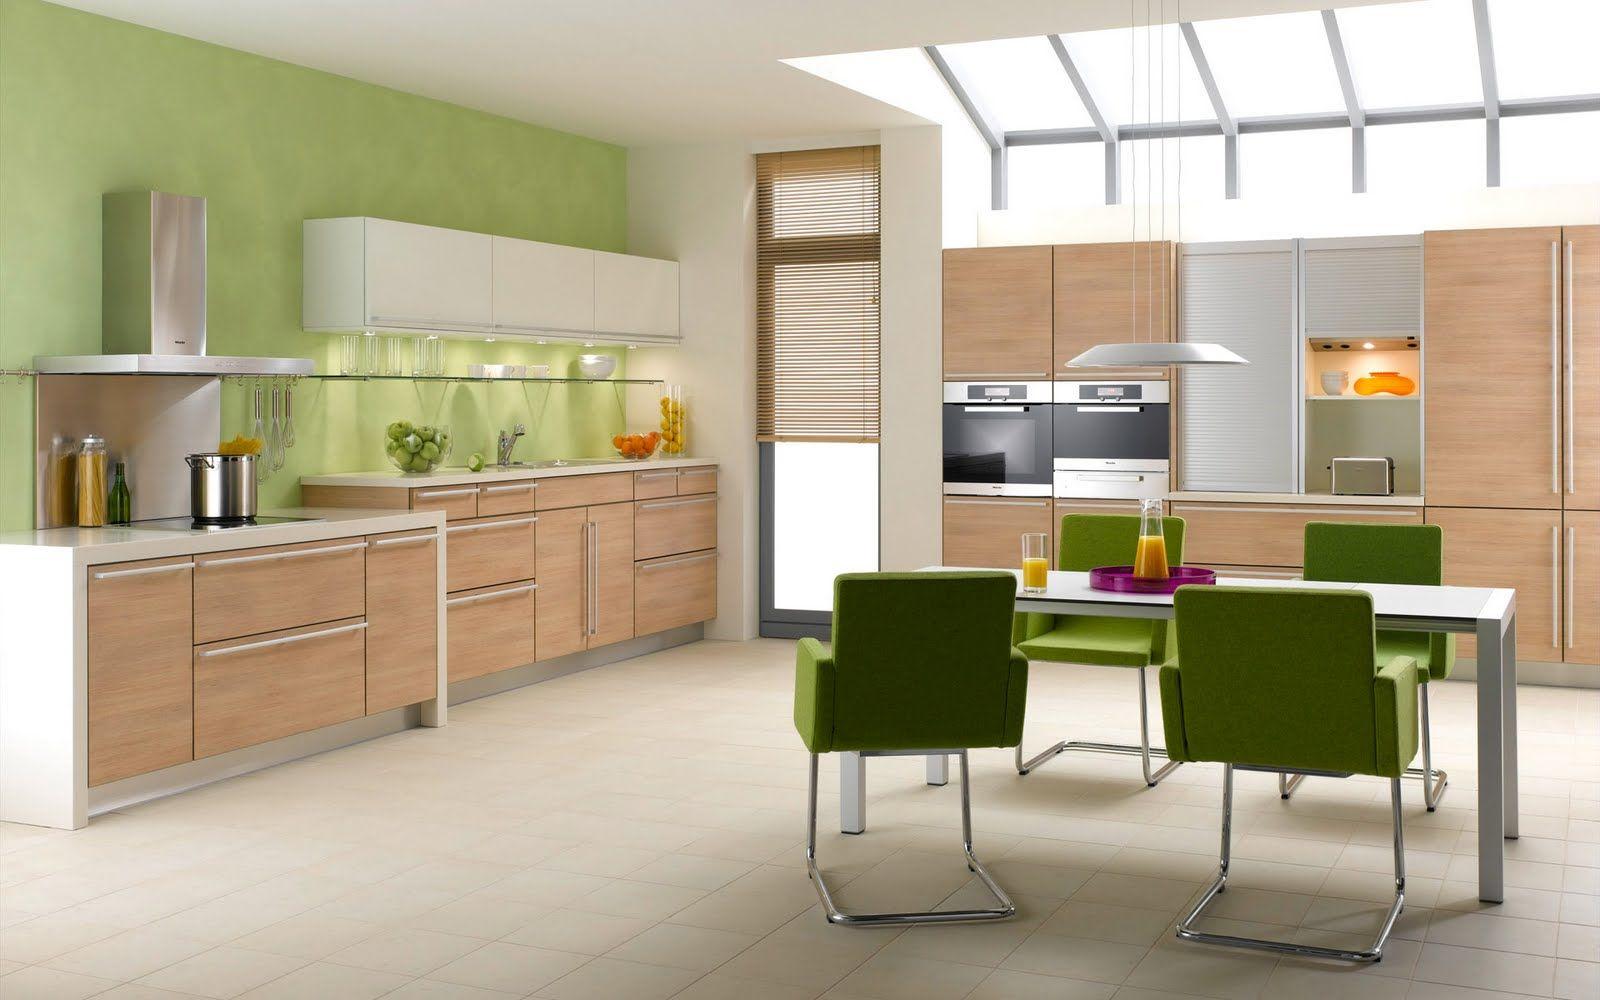 Pitturare Mobili Cucina   Free Nuovo Dipingere Cucina Colori Cheap ...